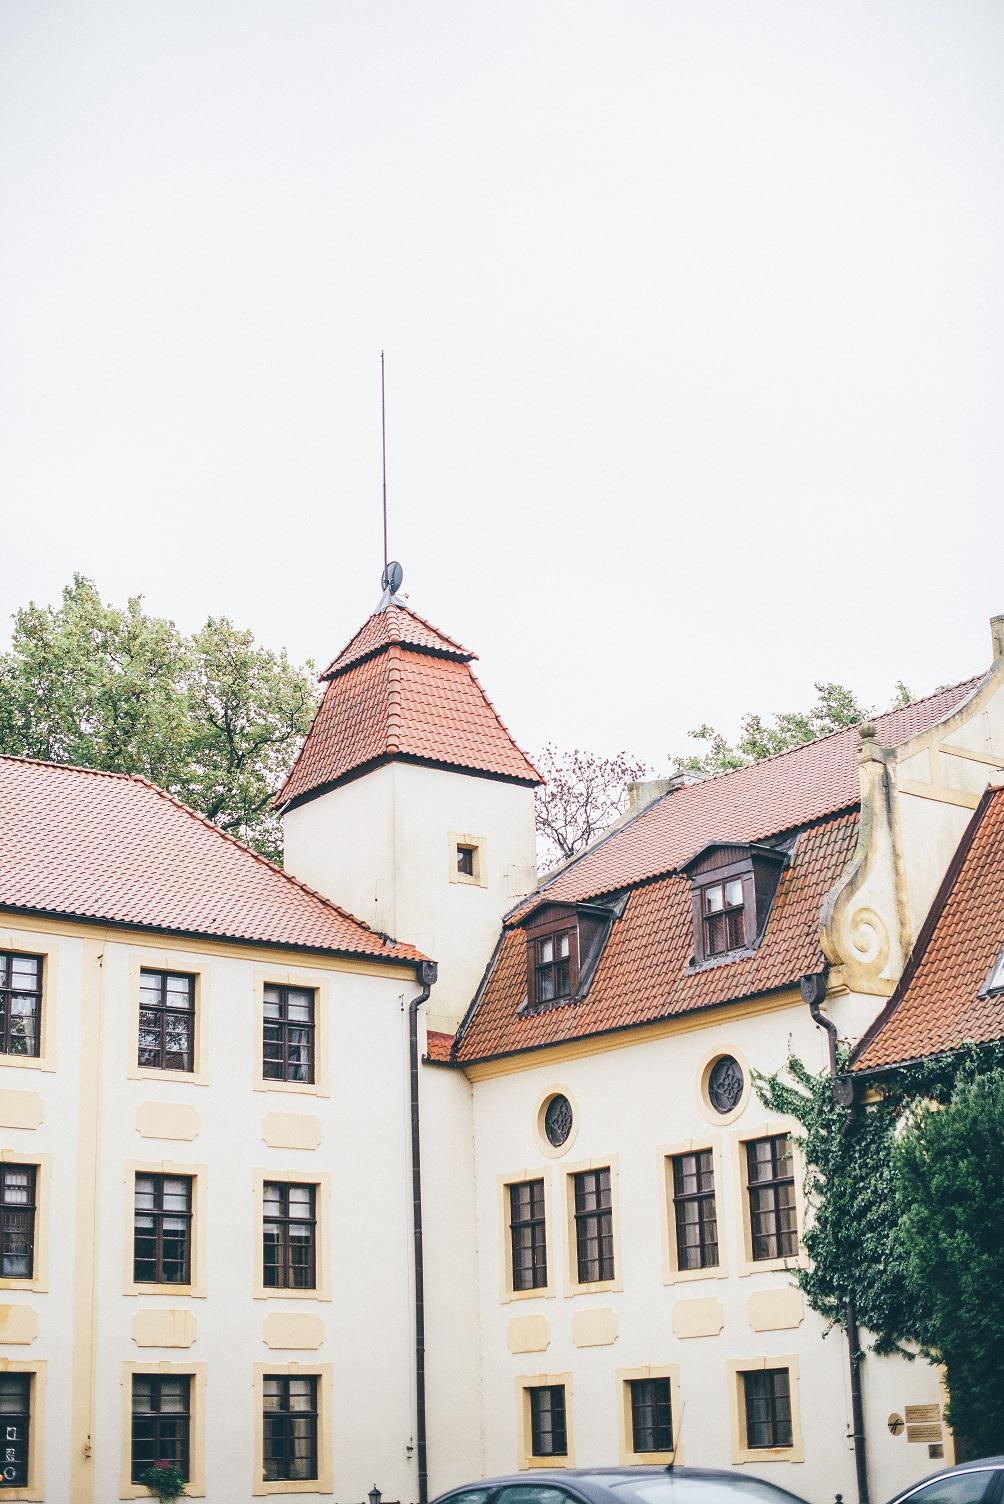 Zamek Krokowa 24 - Na zamku w Krokowej